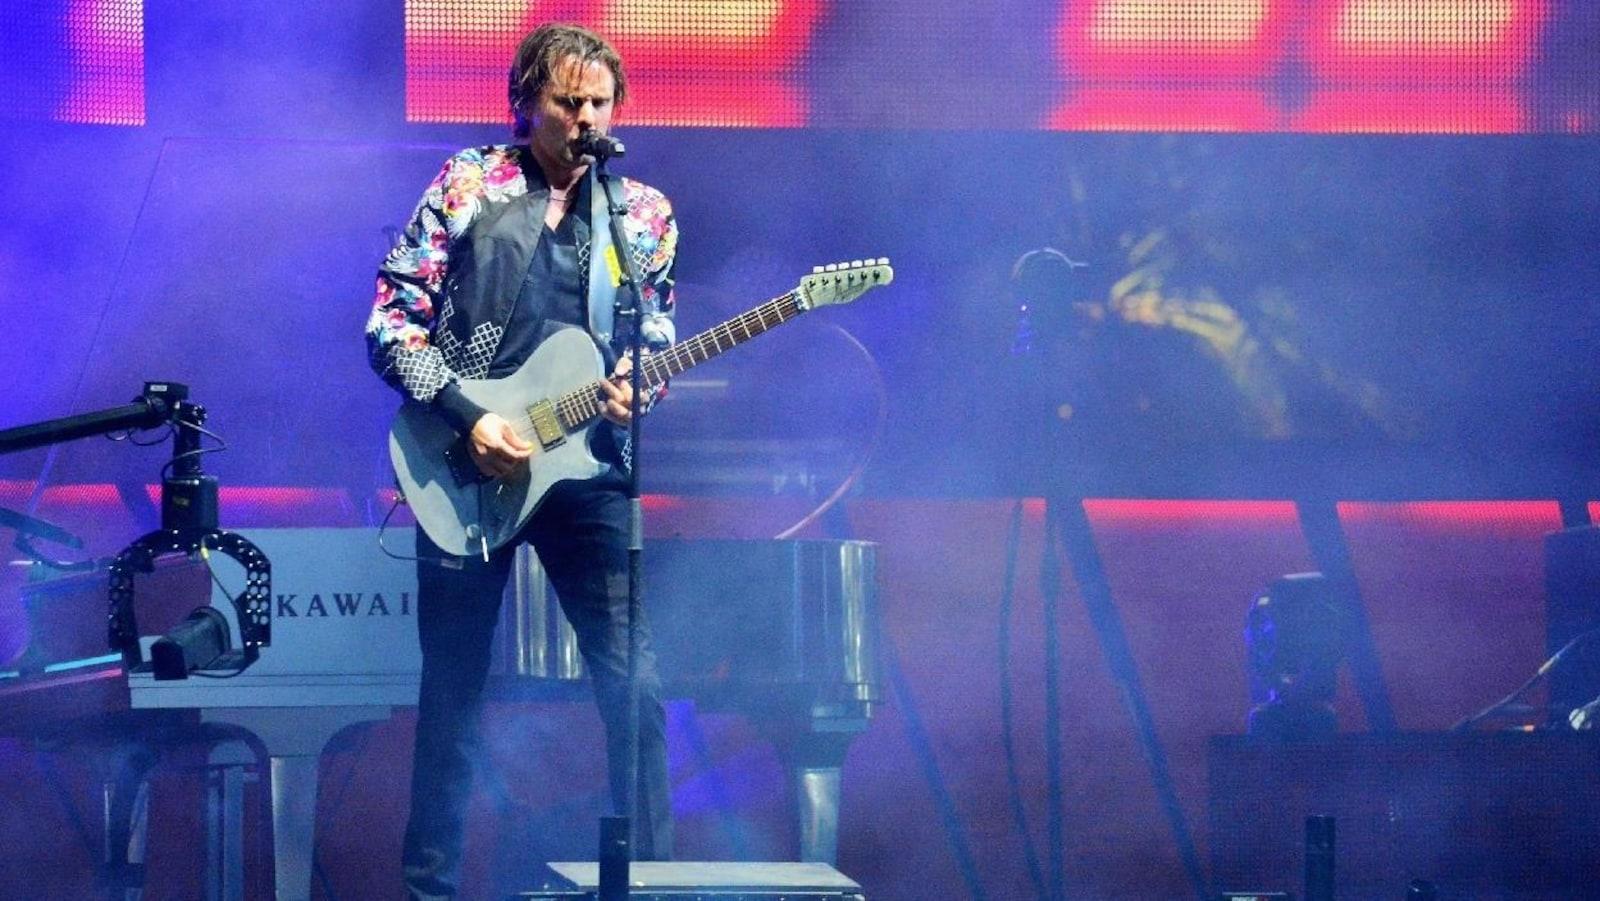 Matthew Bellamy du groupe Muse